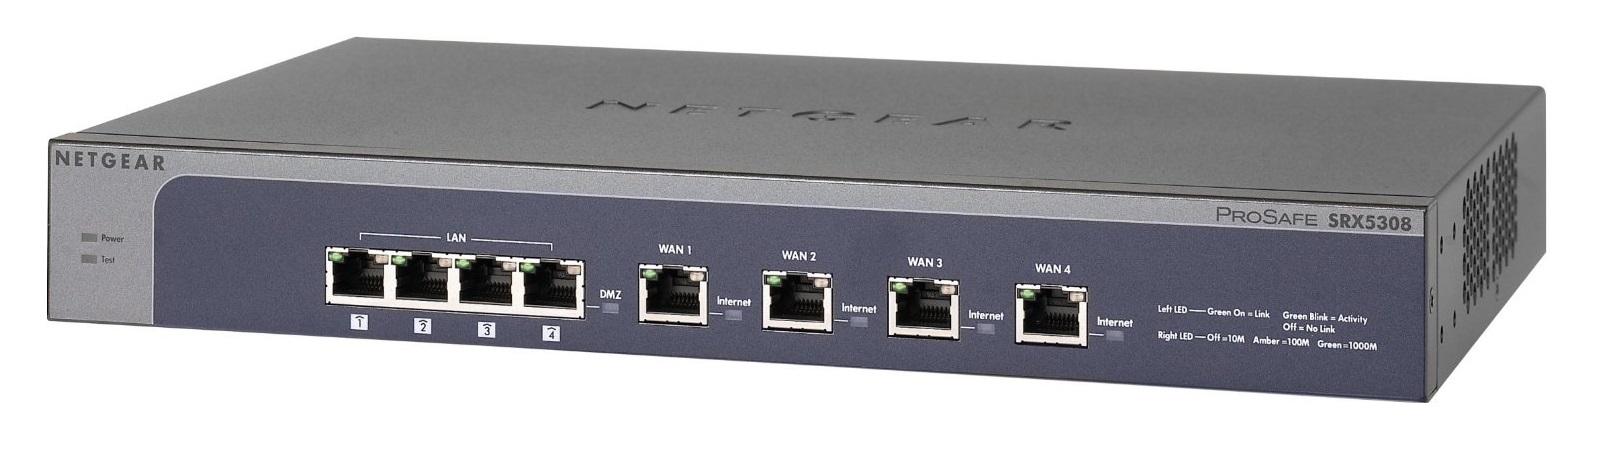 Netgear ProSafe VPN SSL Firewall Quad WAN